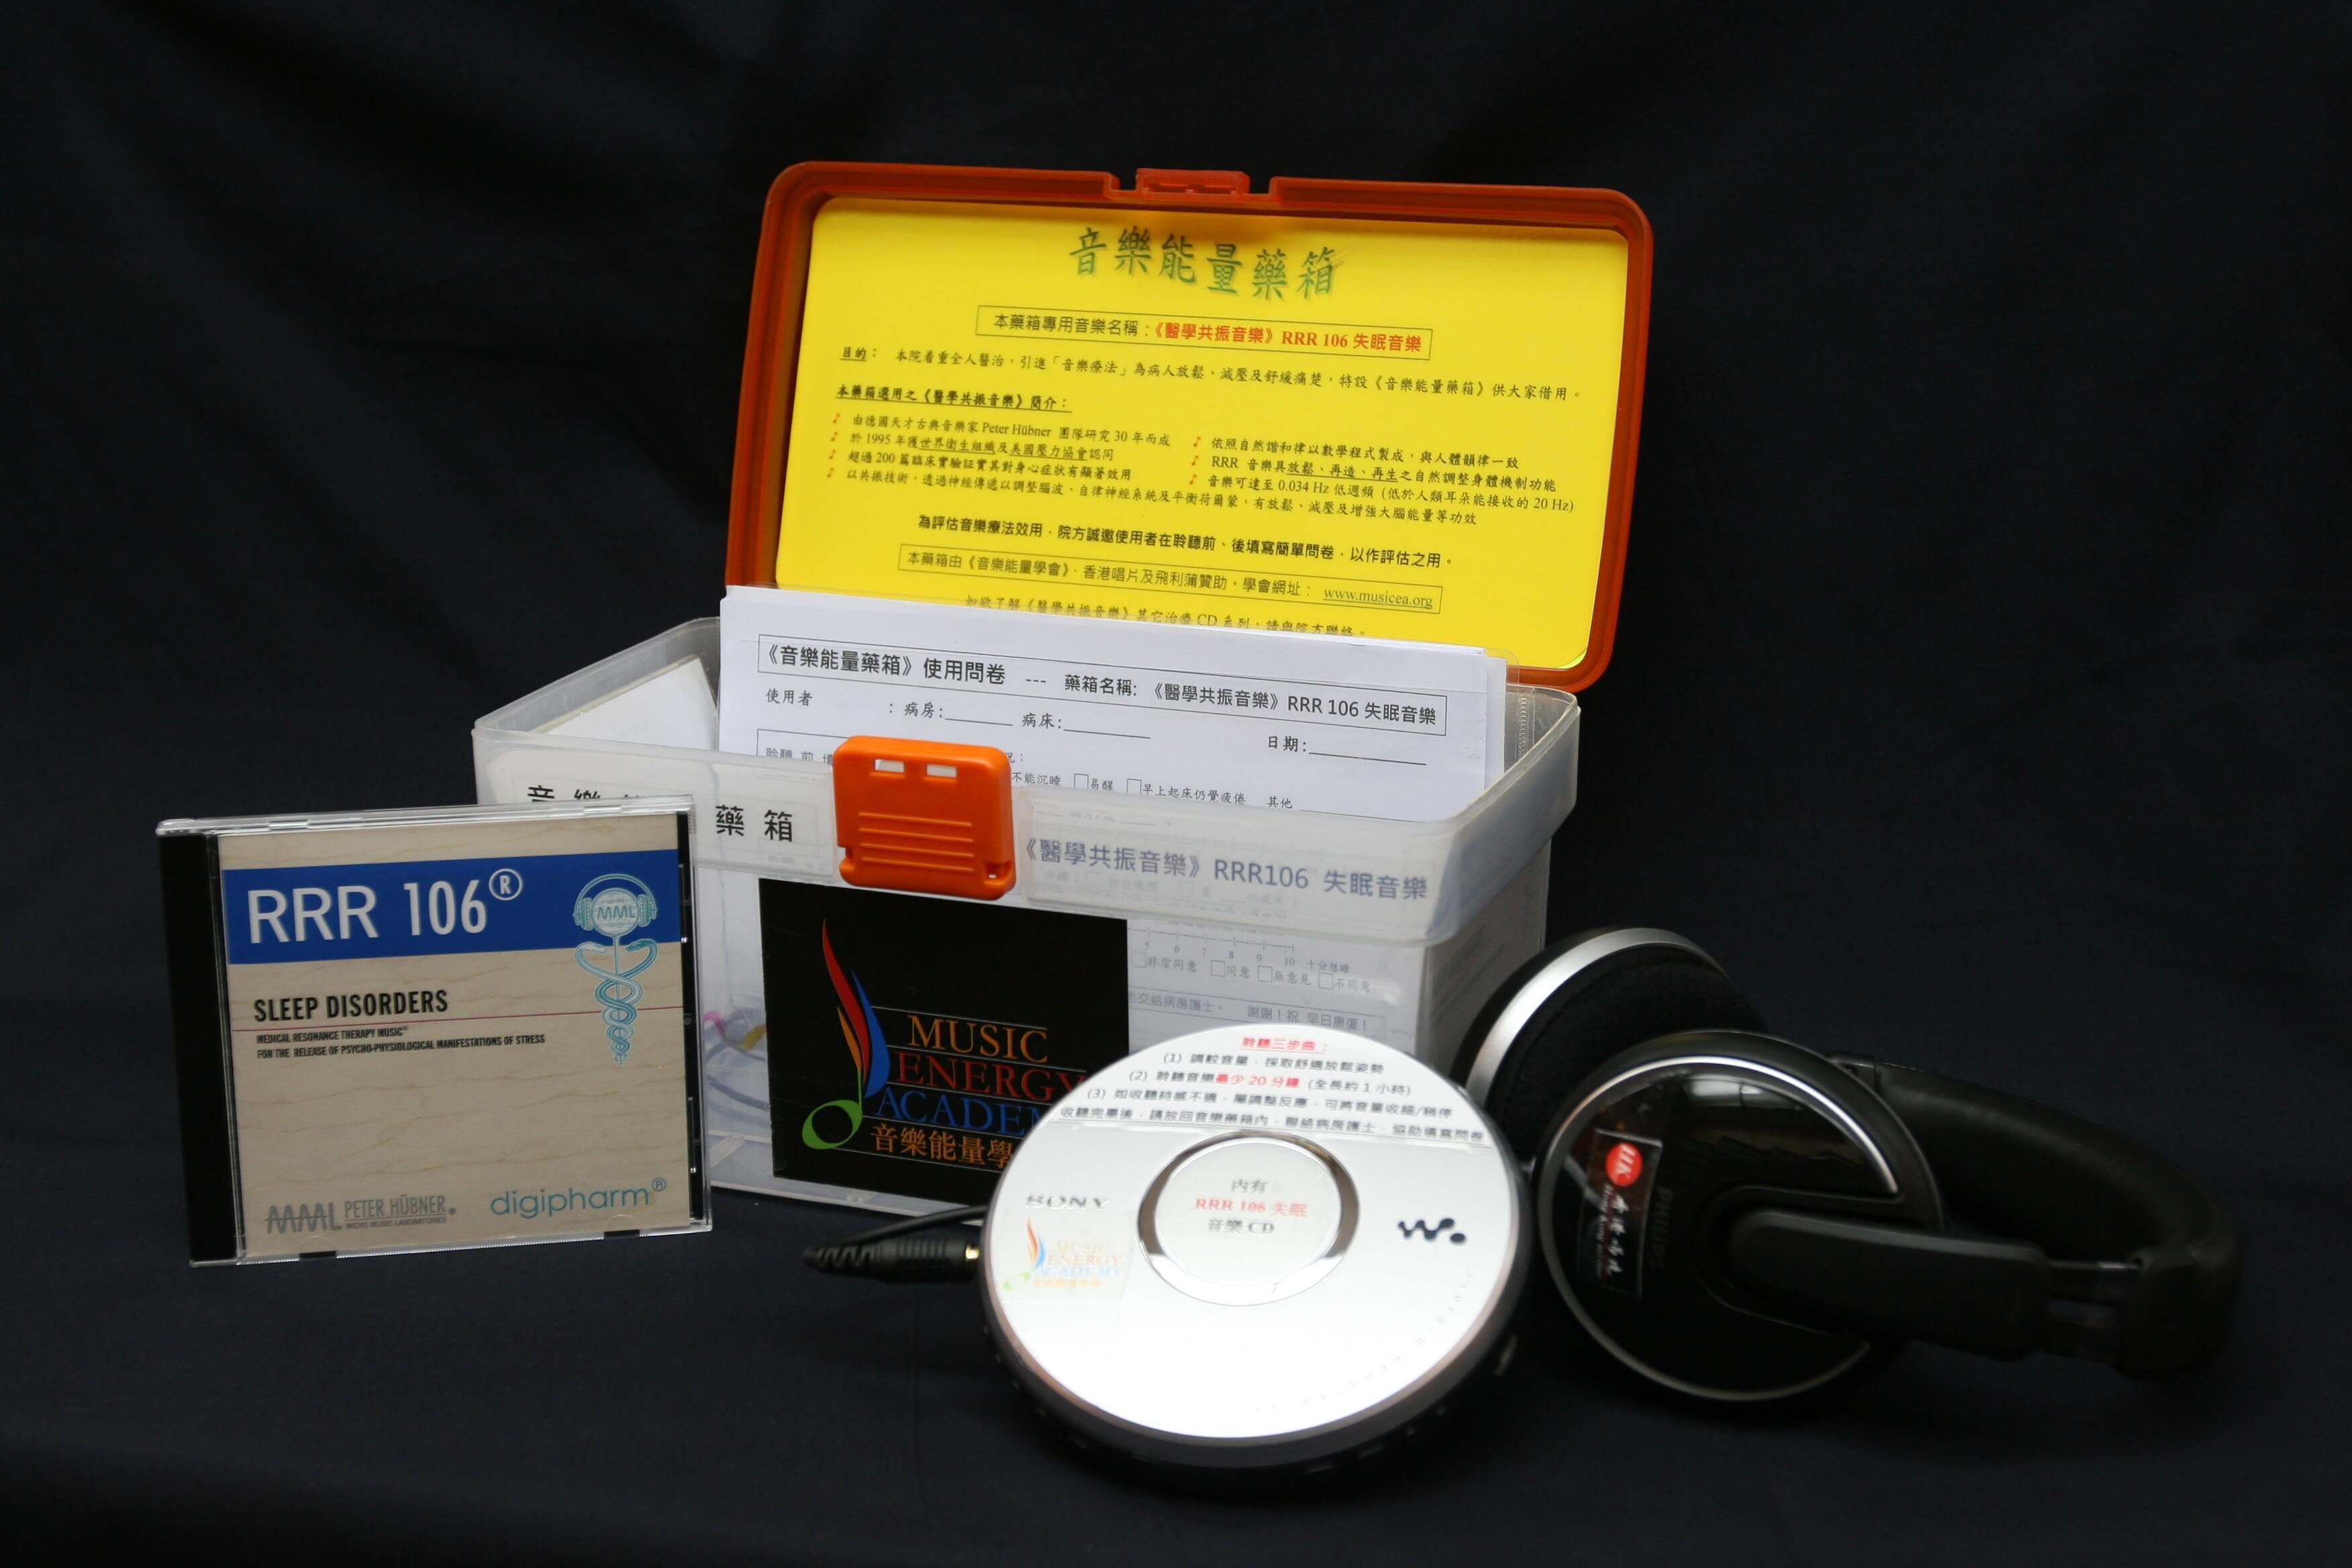 12.1「音樂能量藥箱」